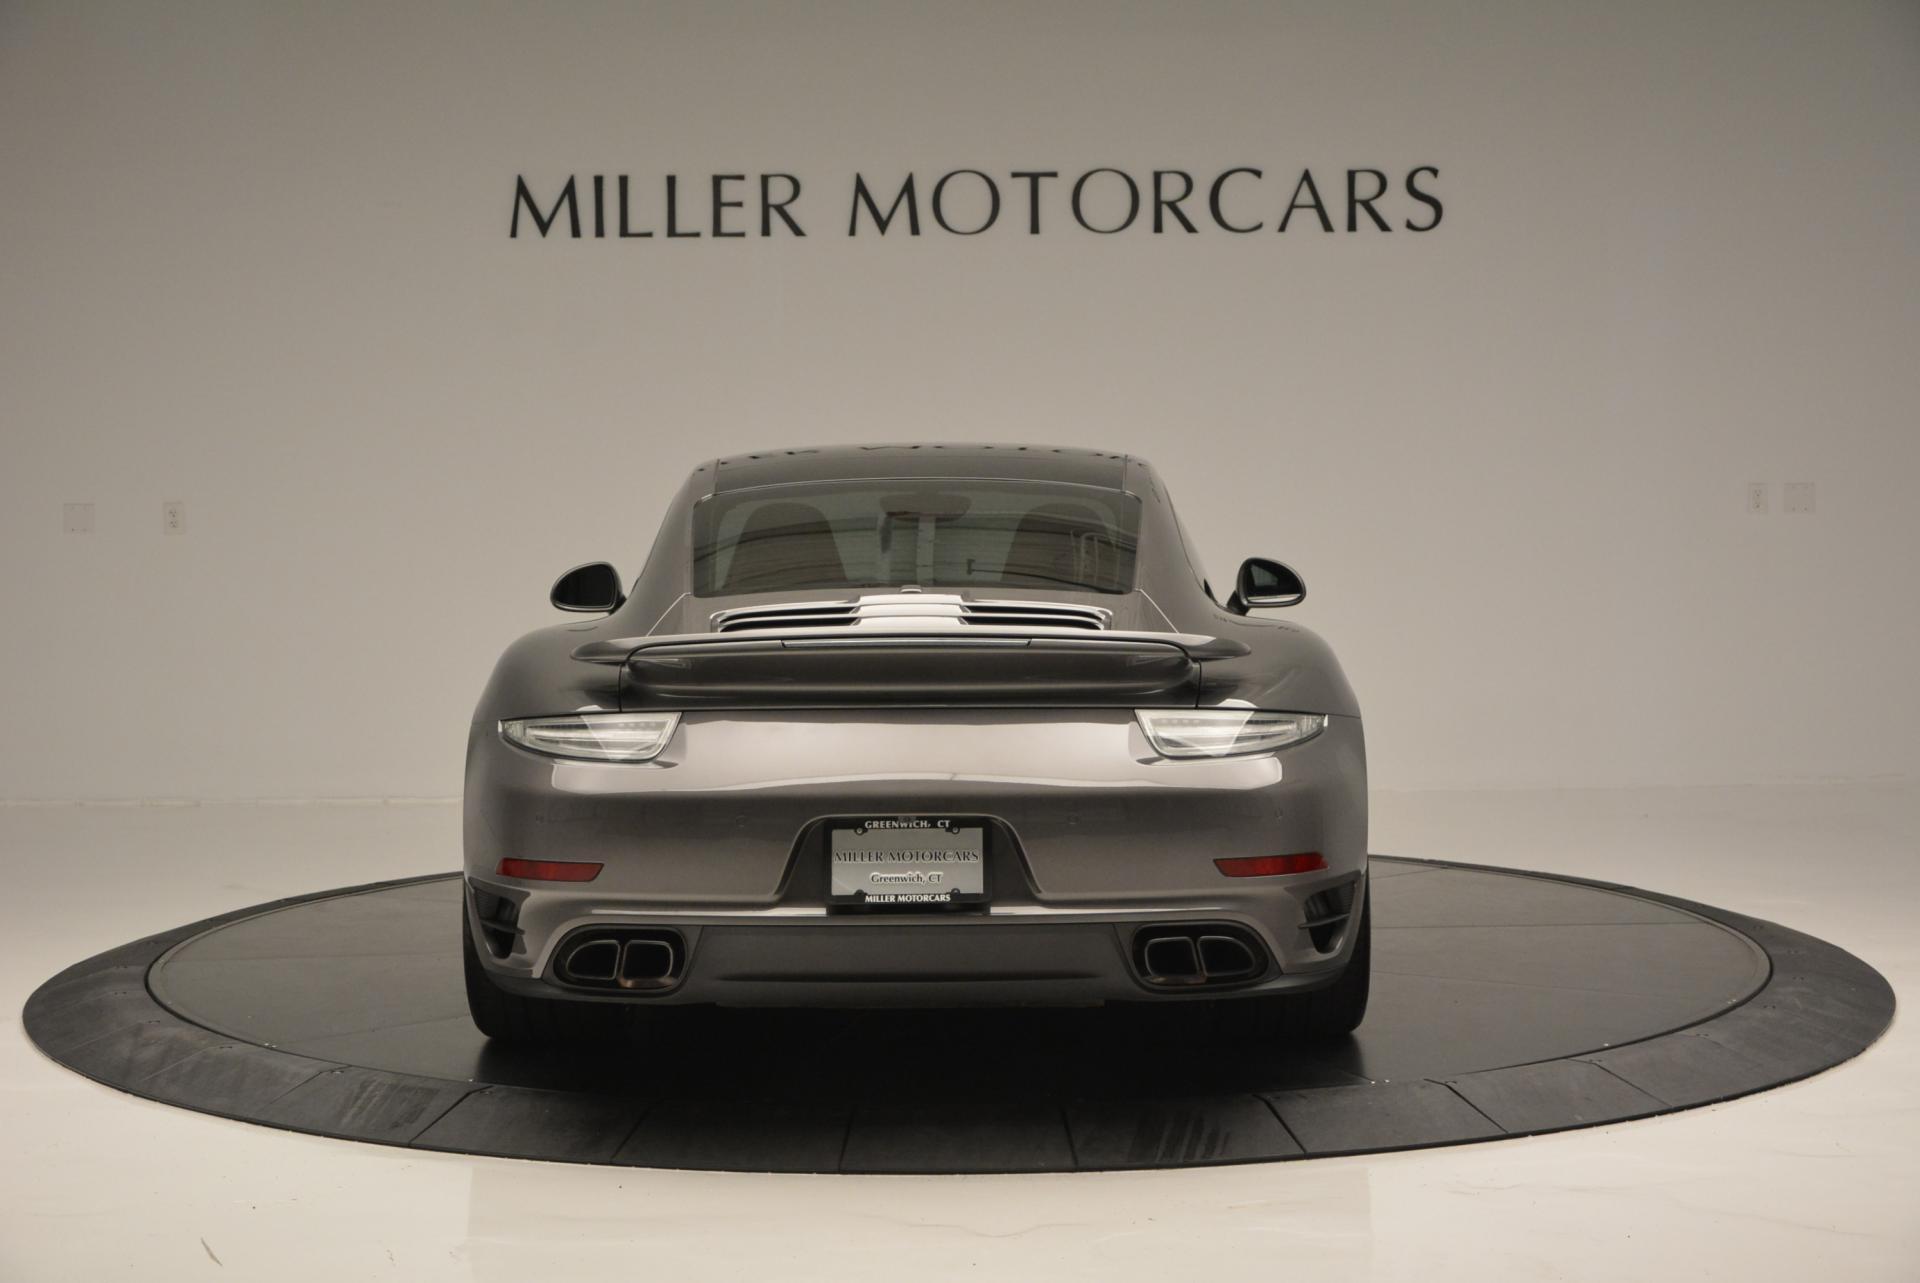 Used 2014 Porsche 911 Turbo S For Sale In Westport, CT 113_p5